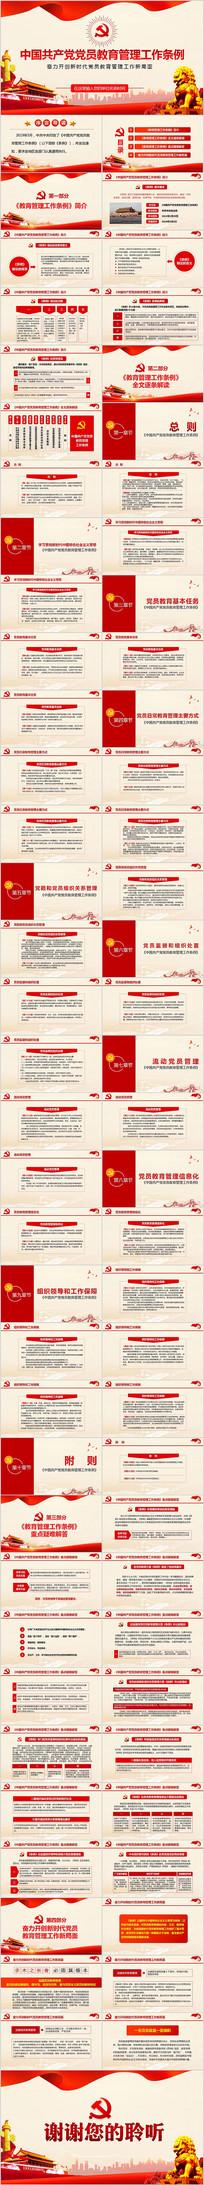 中国共产党党员教育管理工作条例PPT